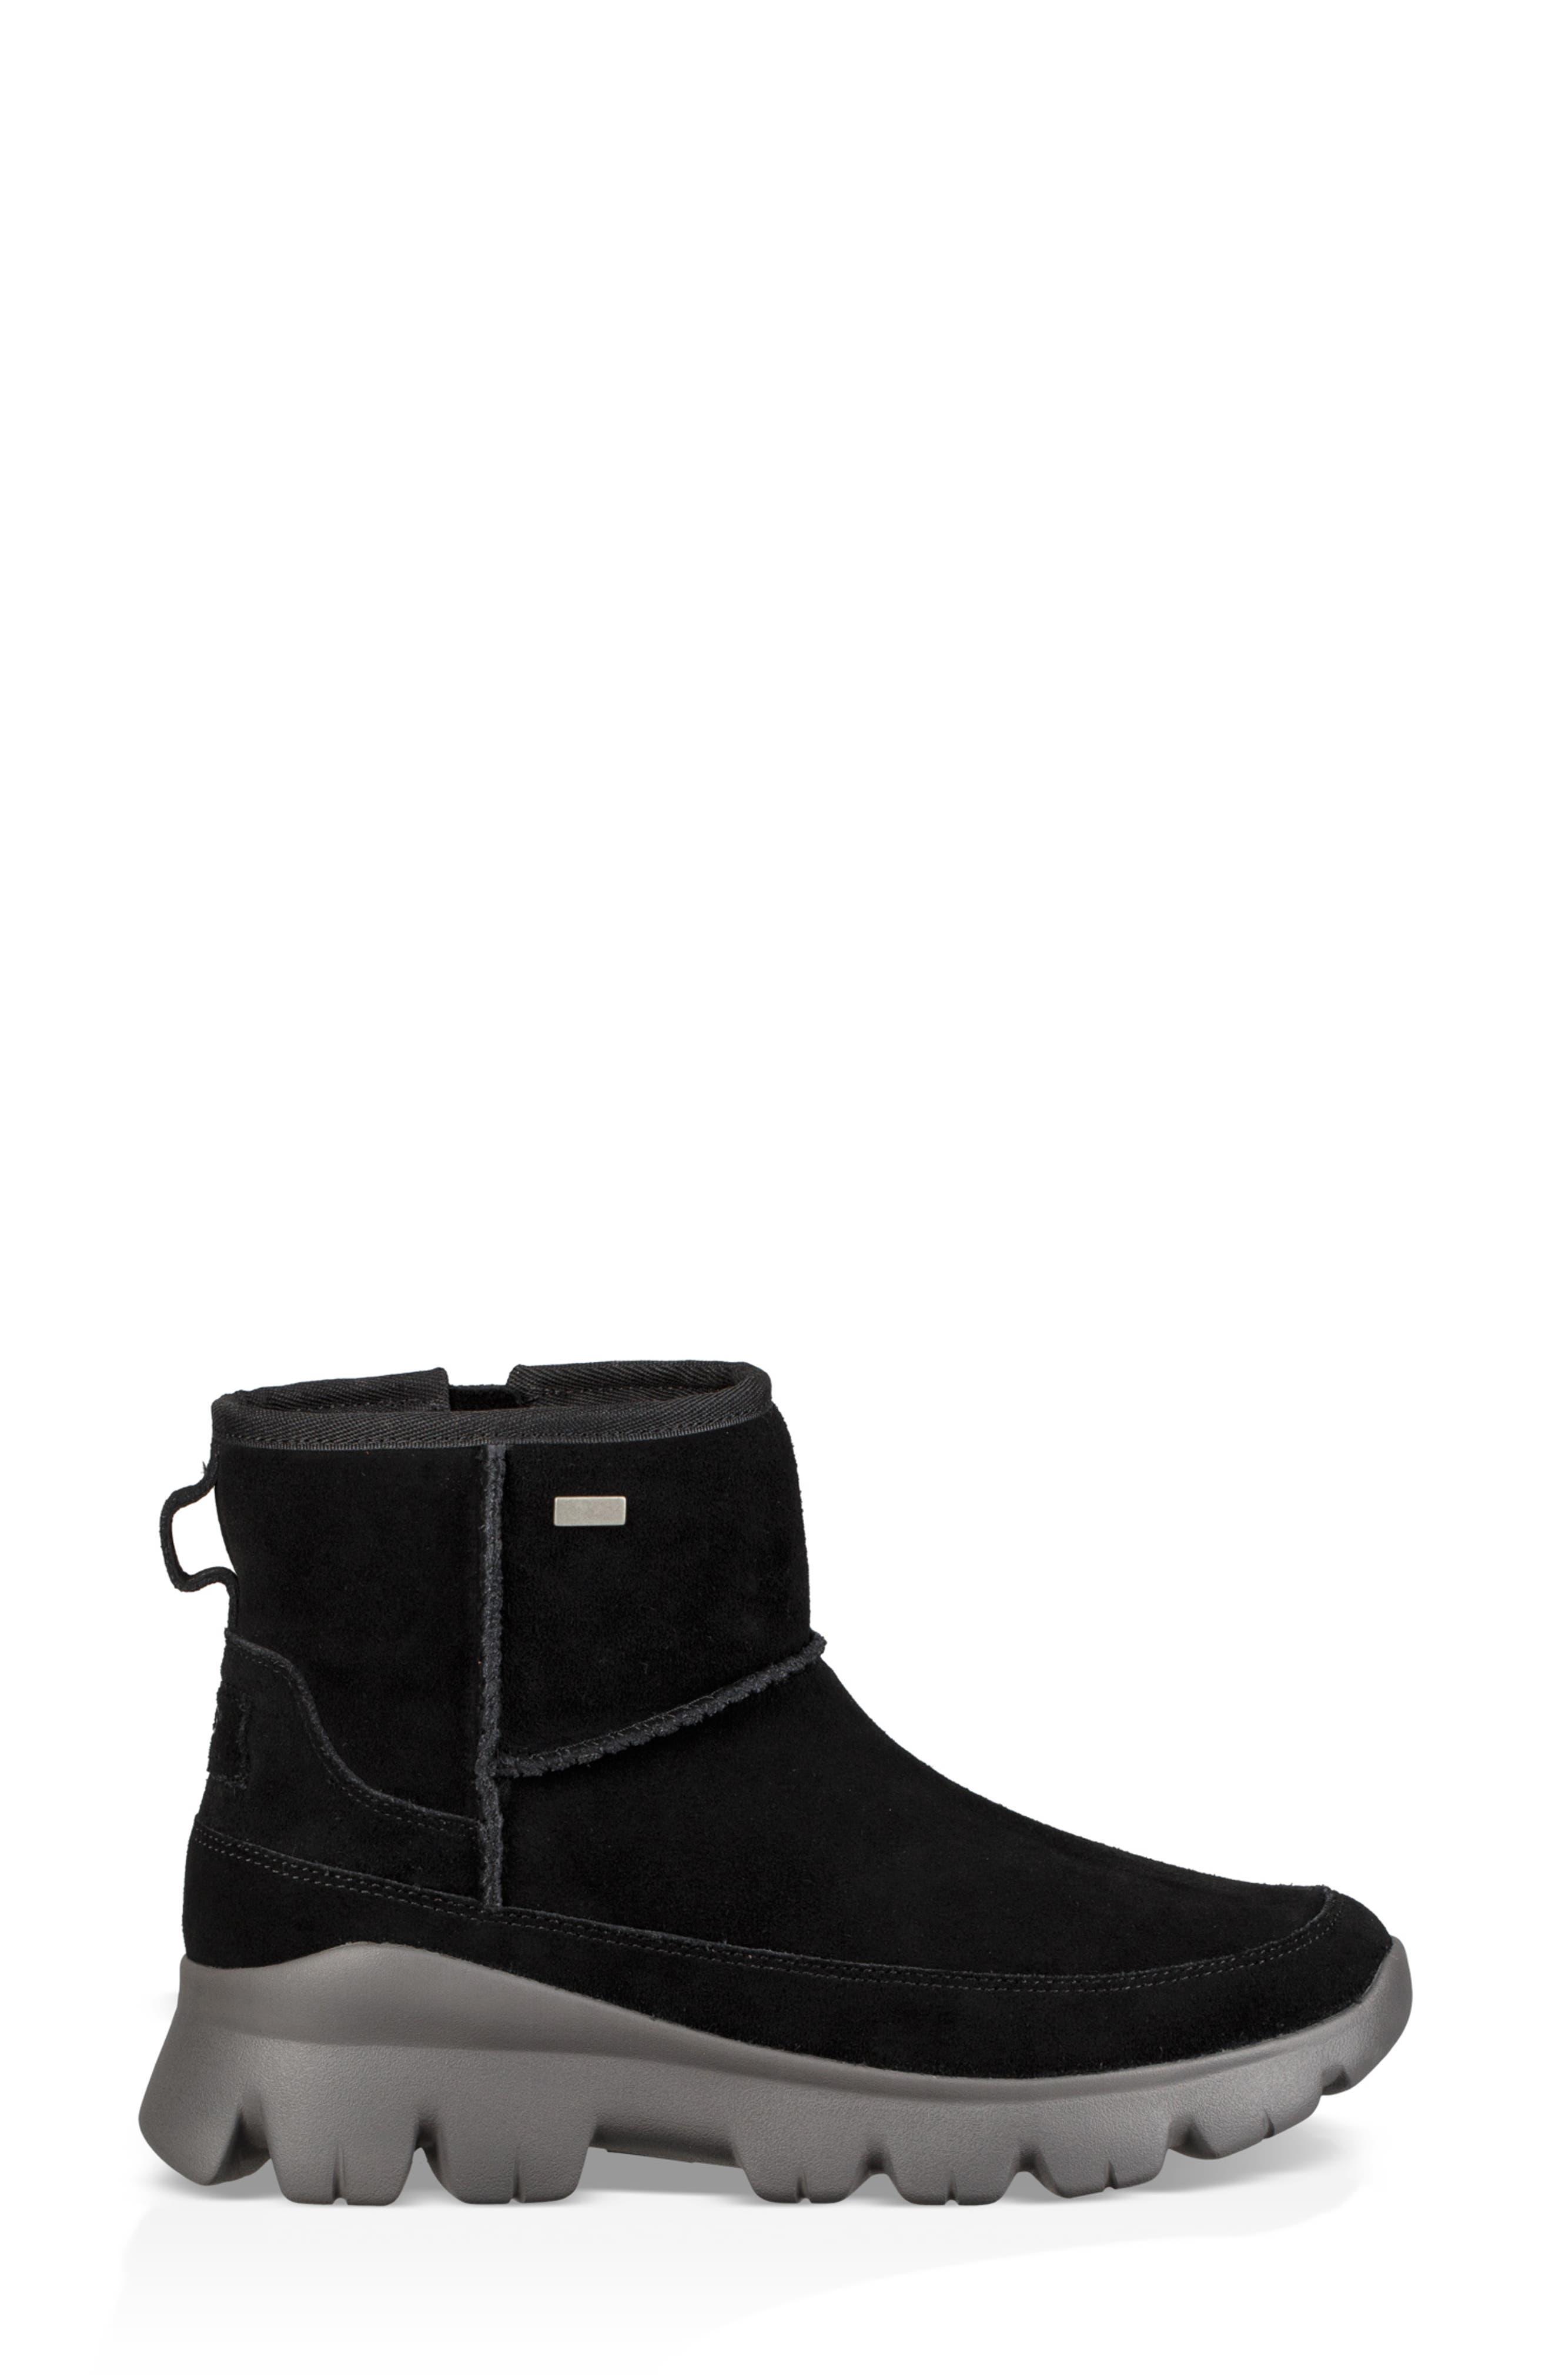 Palomar Waterproof Sneaker Bootie,                             Alternate thumbnail 3, color,                             BLACK/ CHARCOAL SUEDE